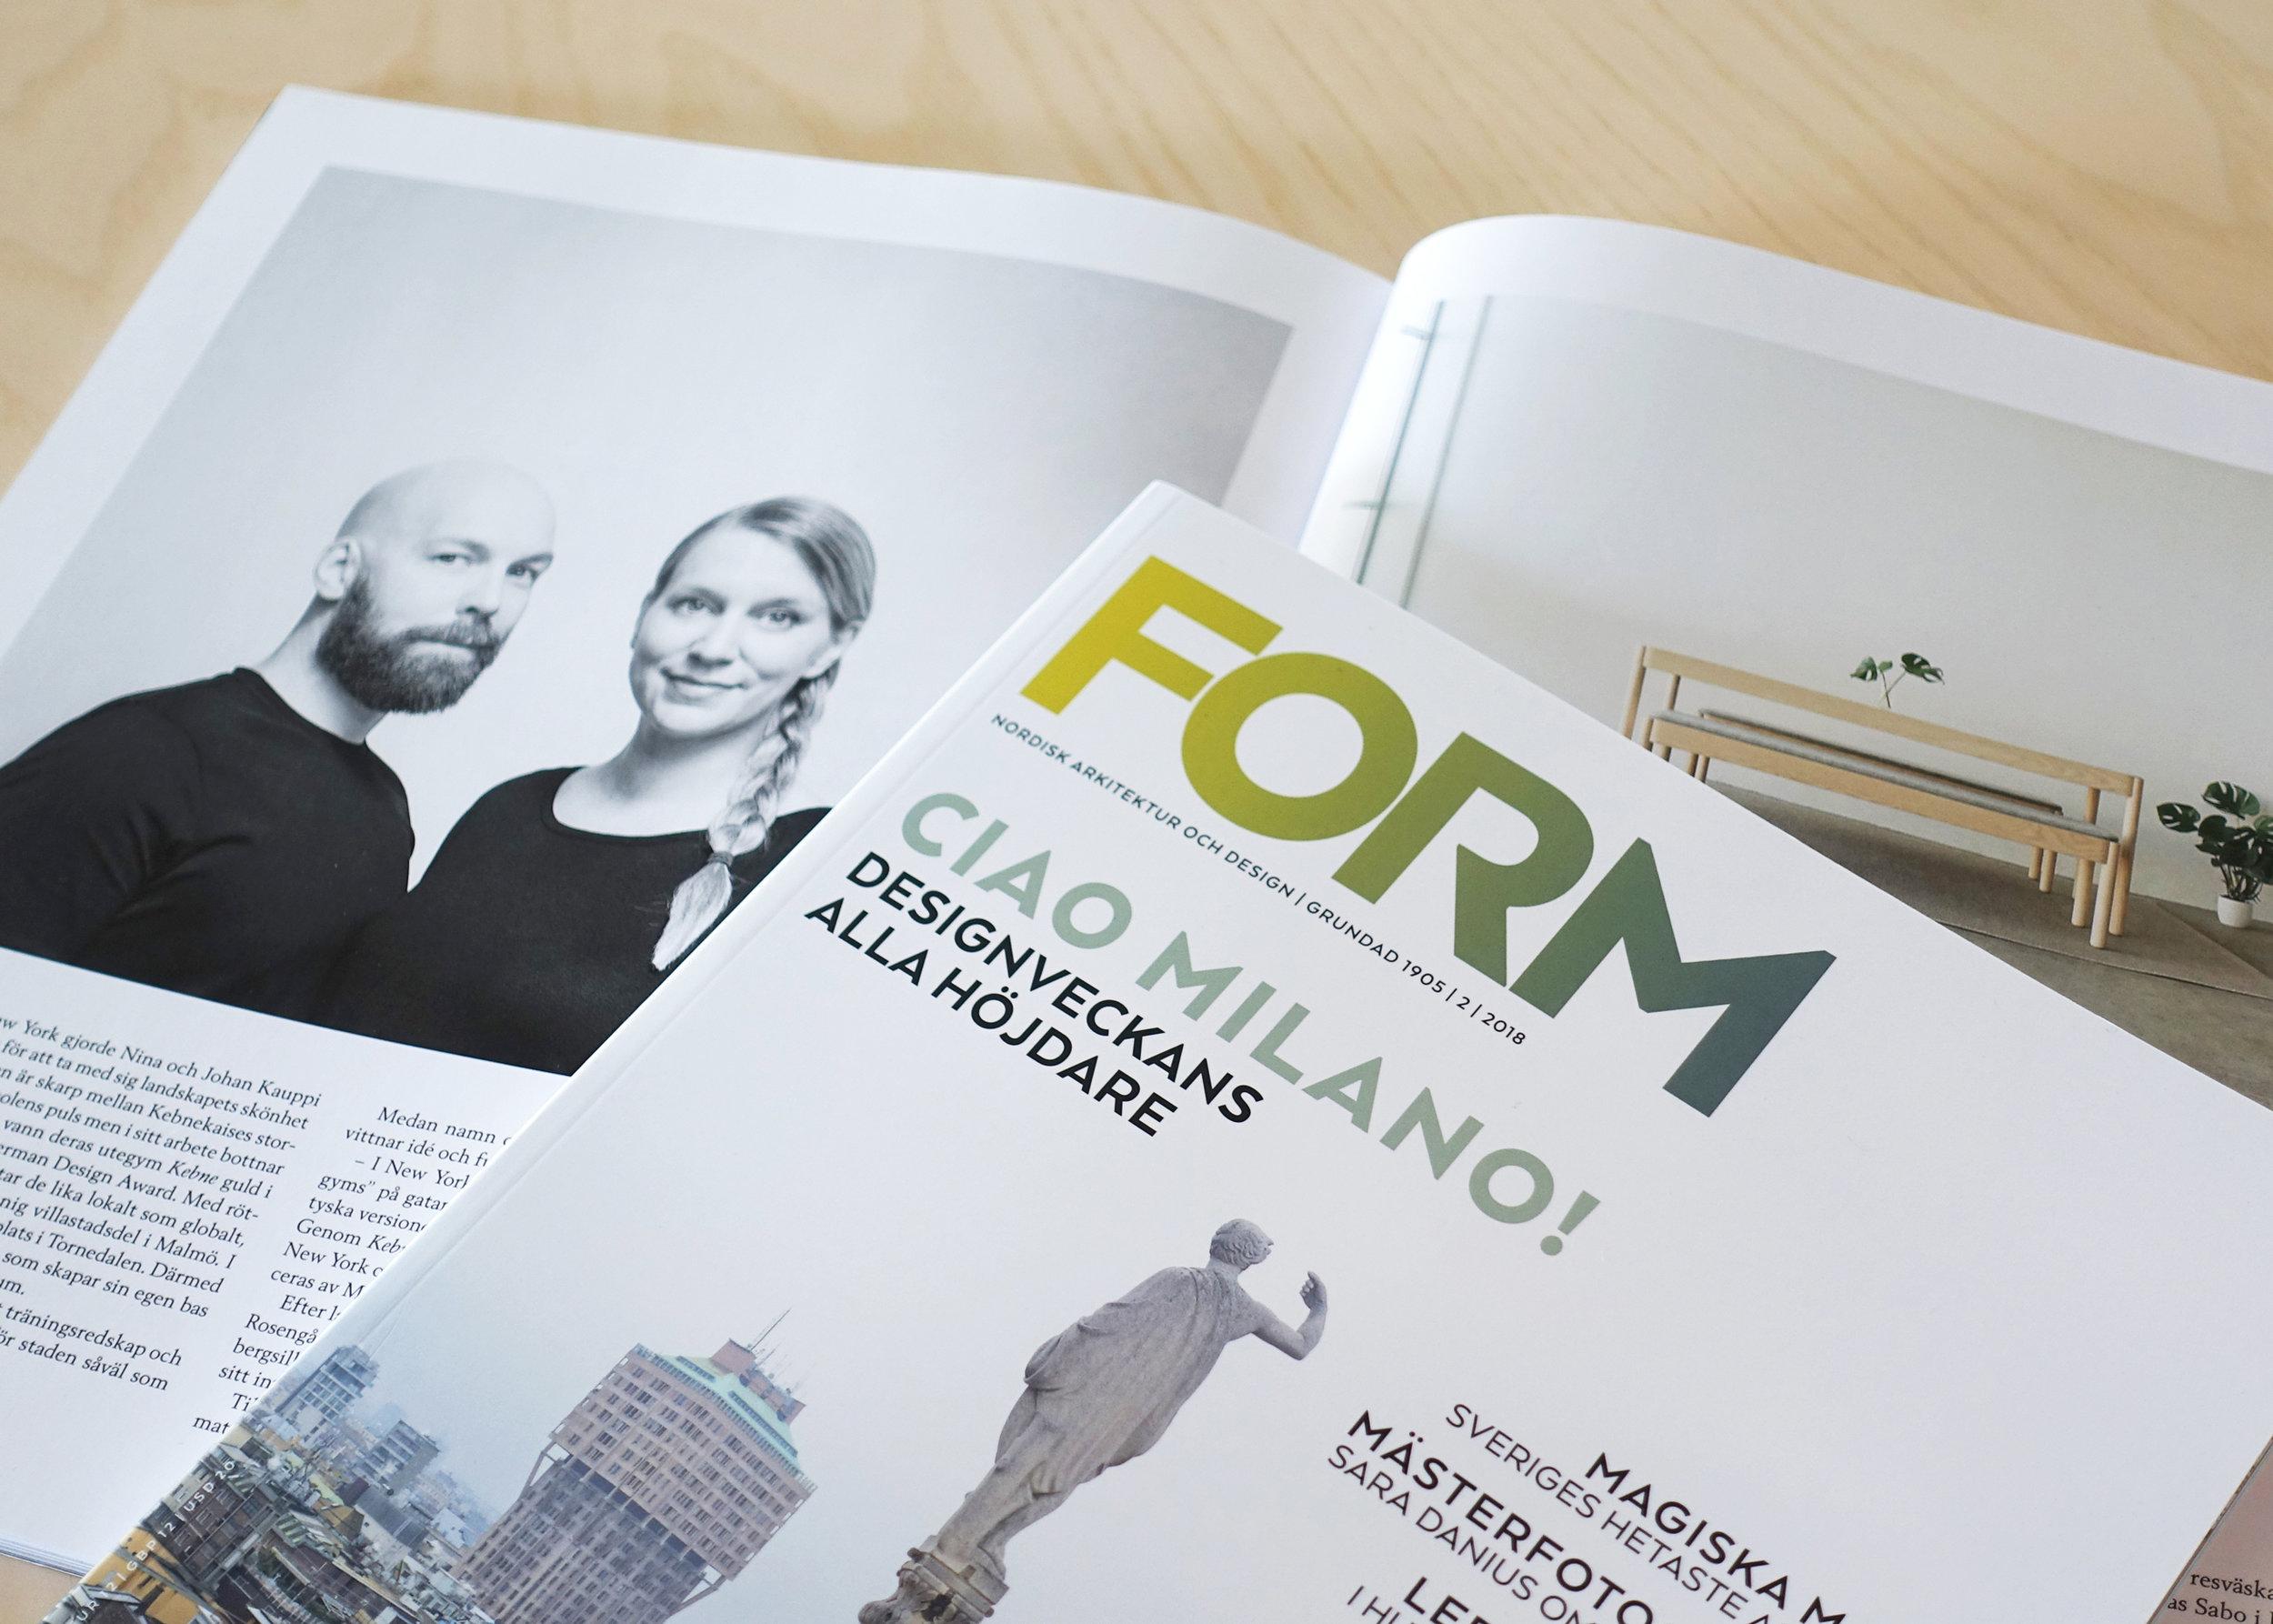 Form Magazine_No2, 2018_Kauppi & Kauppi_Johan Kauppi, Nina Kaupi